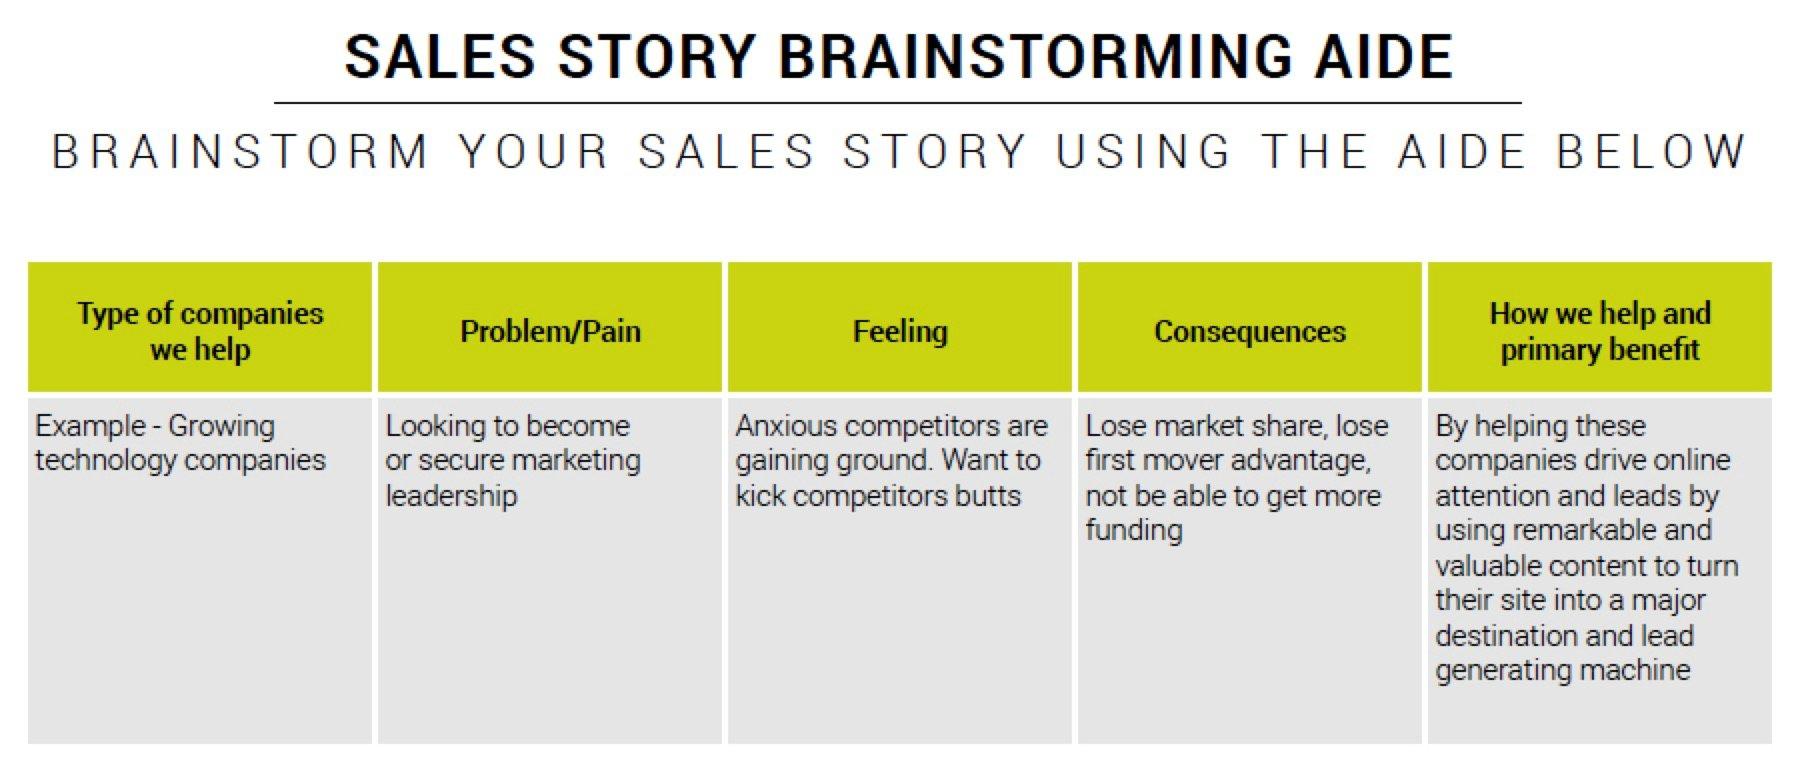 Sales story brainstorming